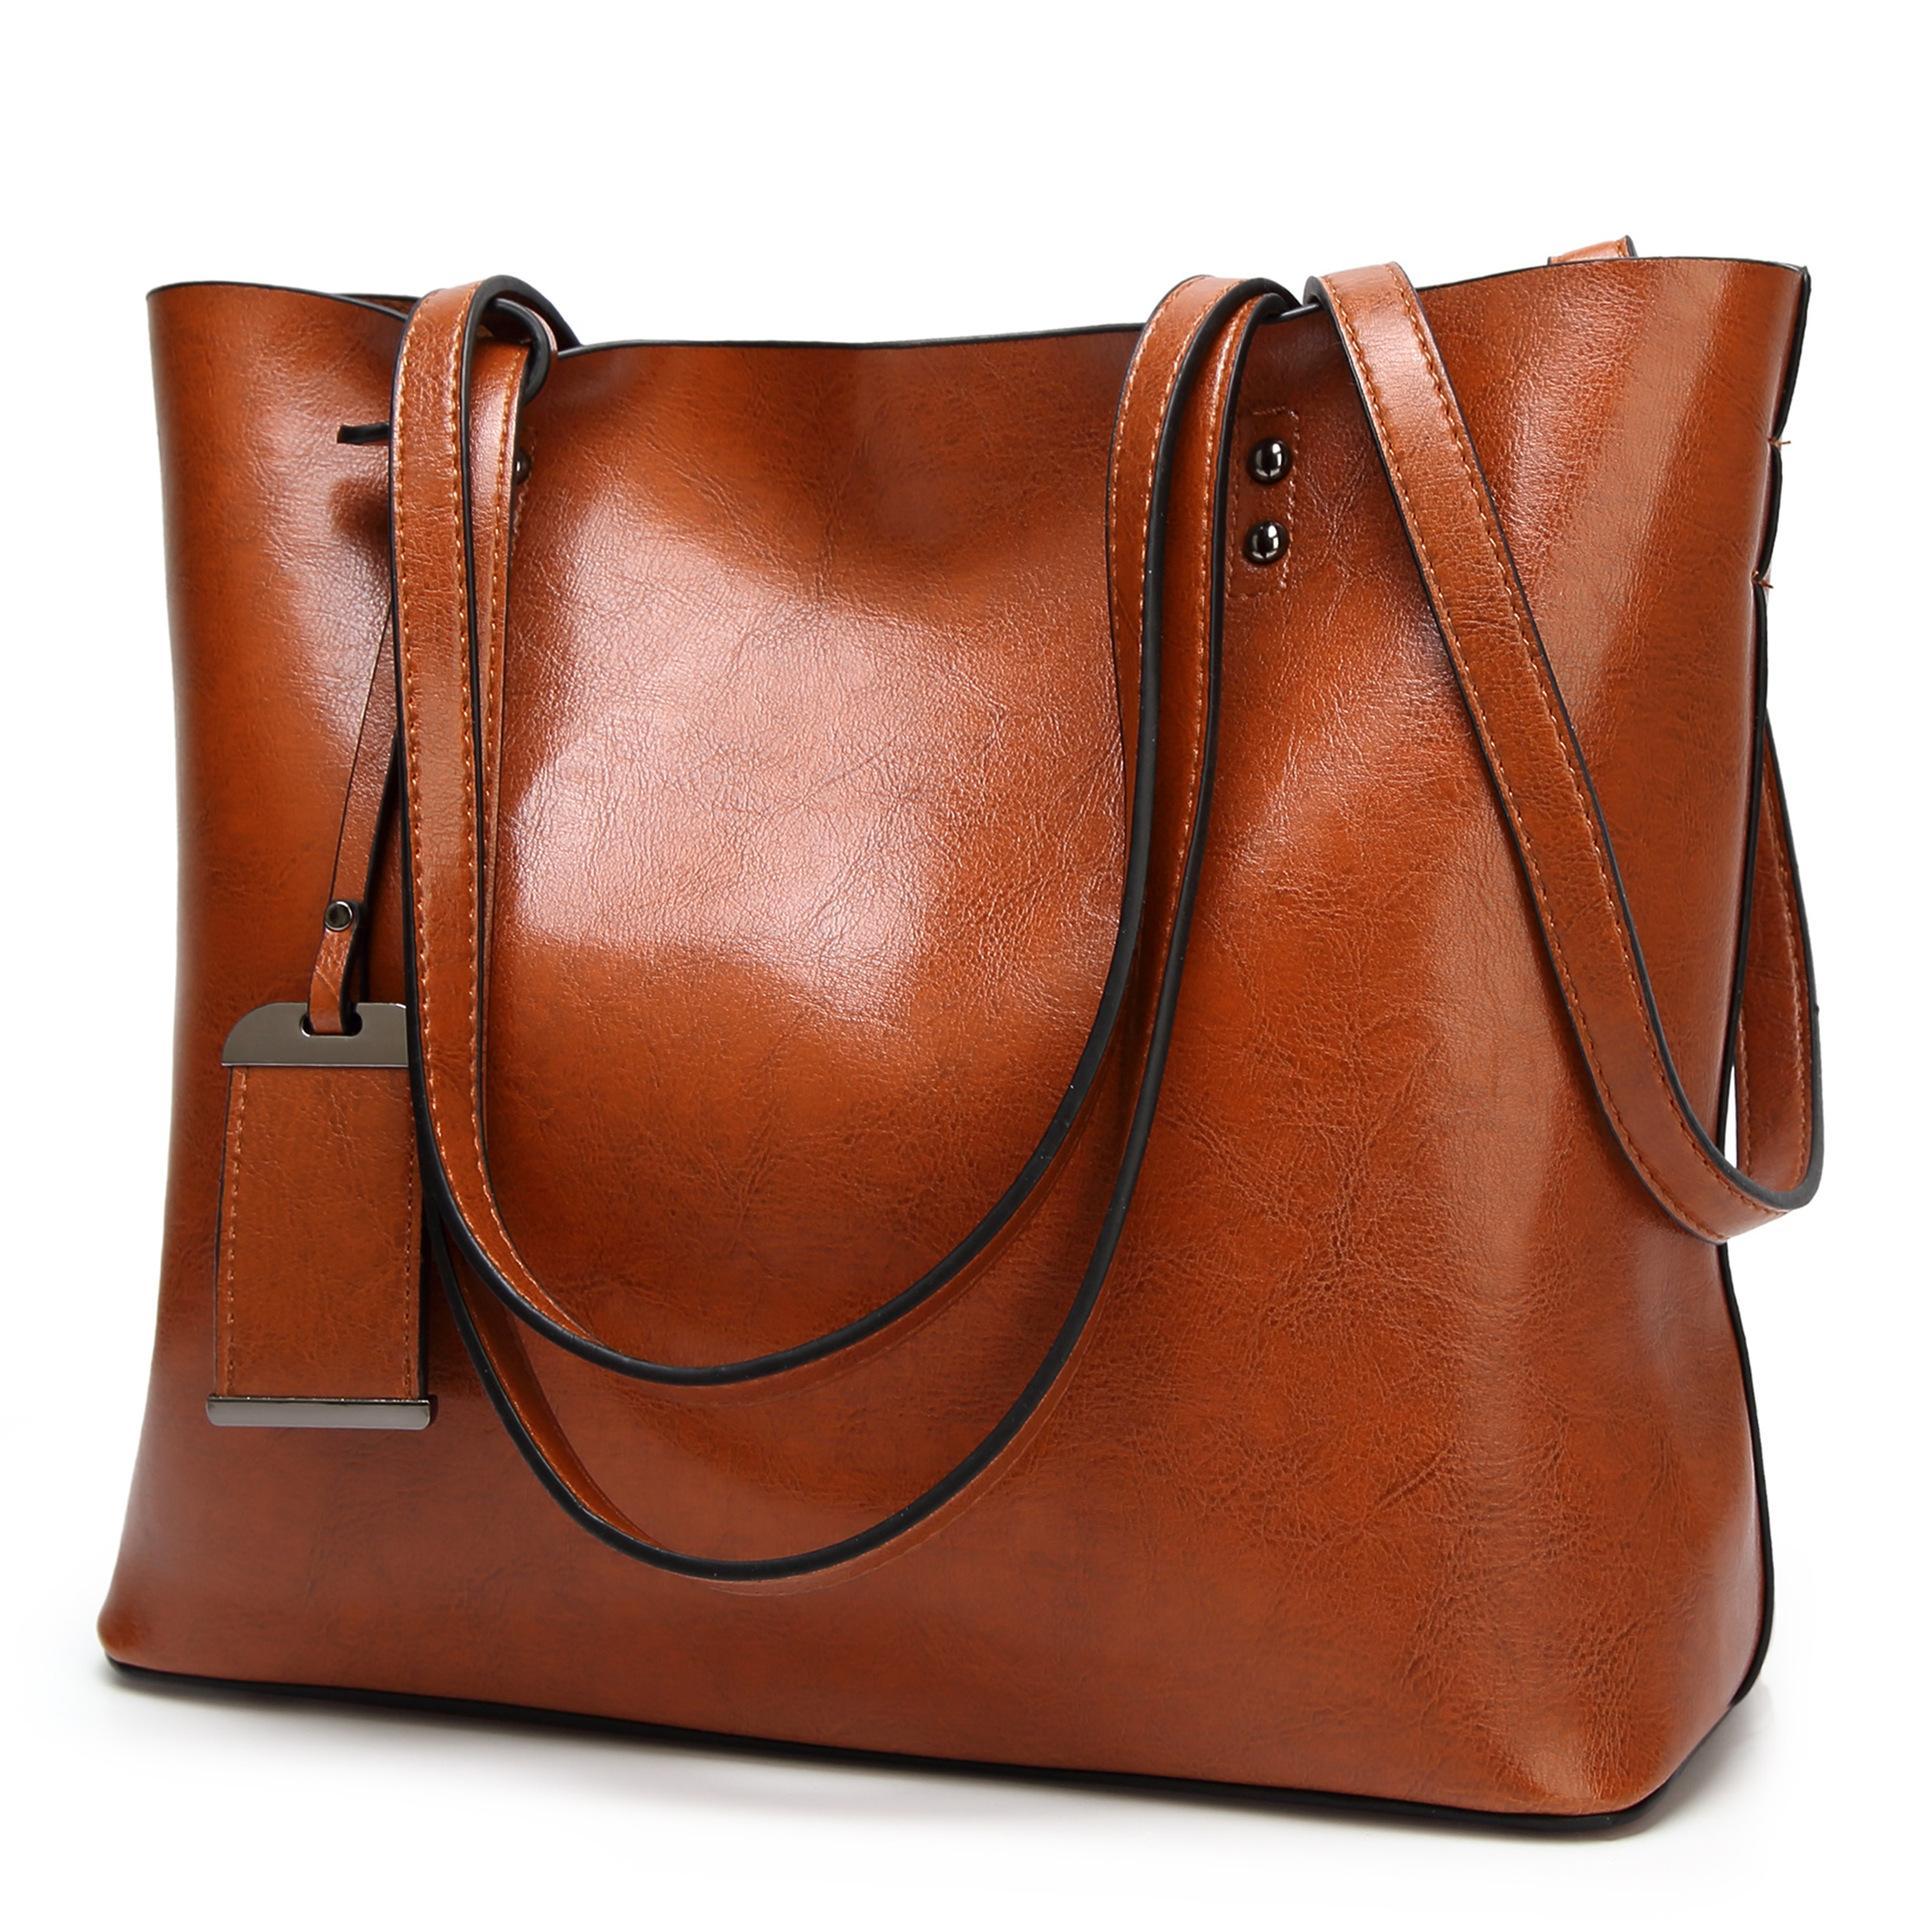 Sacs HBP SOFT 2021 Bill Quality Quality's Fashion's Sac State Nouveau United Le Haut de la main Le sac à main Capacité Tote Grand VCDol